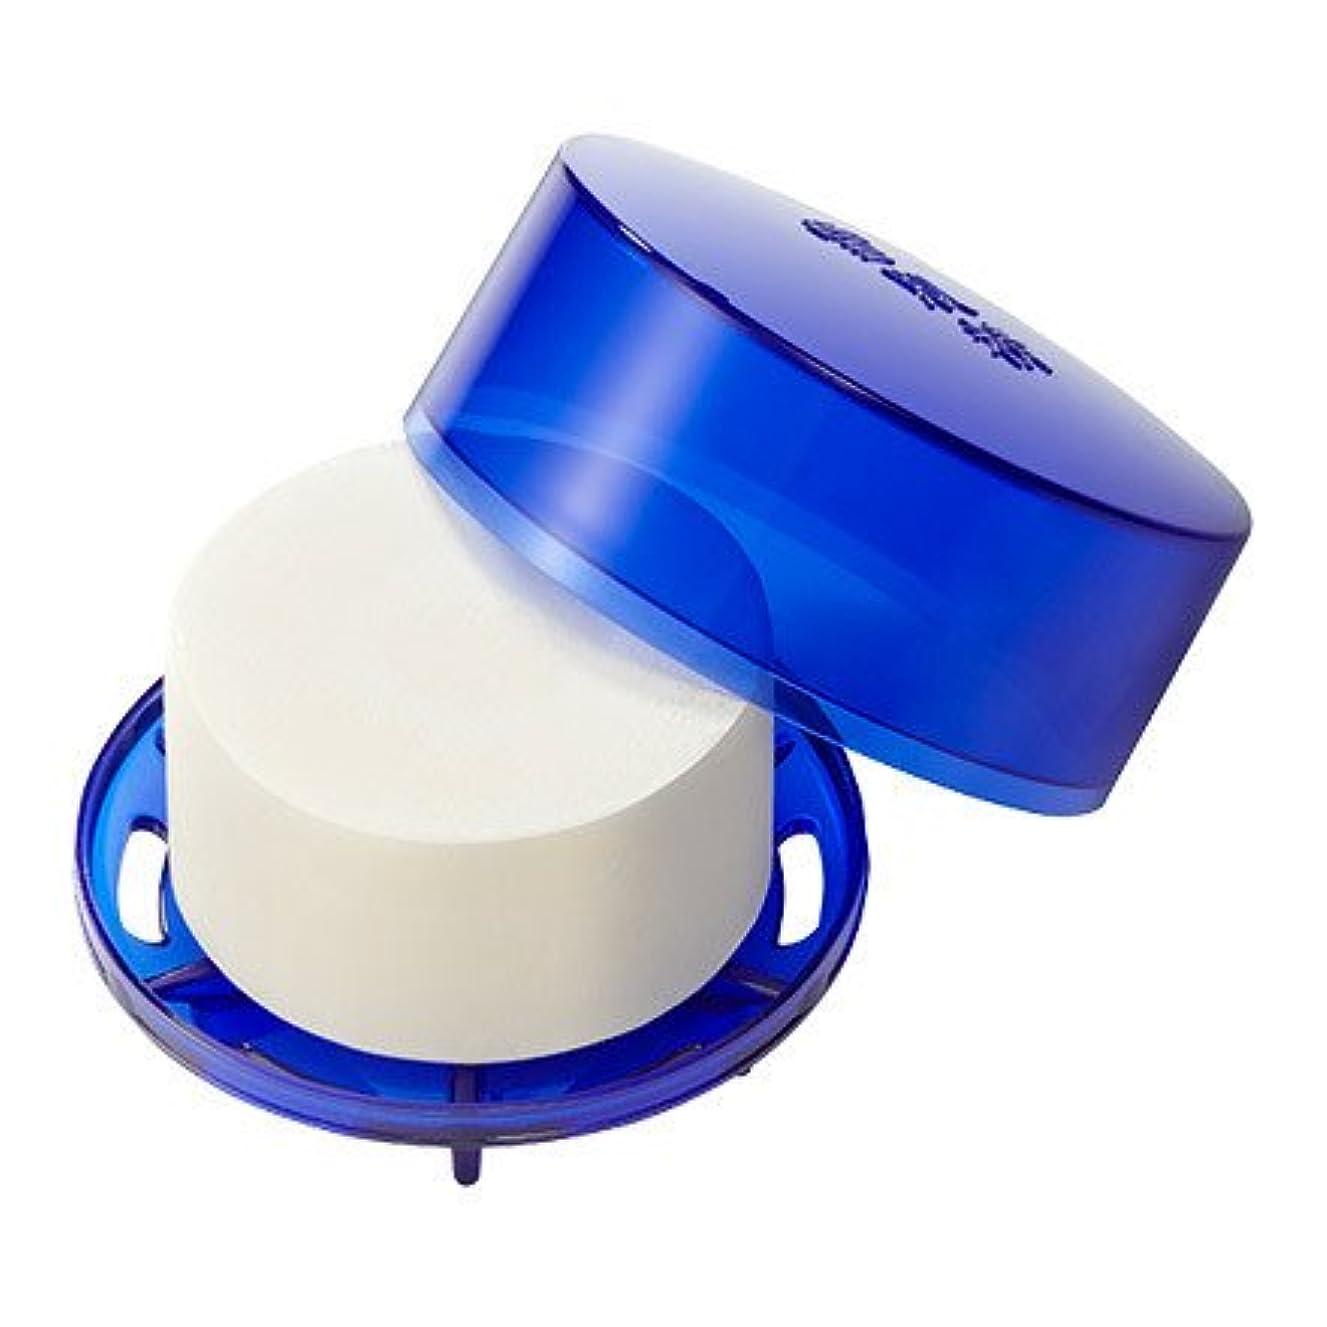 有効なカブムスタチオコーセー 雪肌精 化粧水仕立て石けん 100g [並行輸入品]